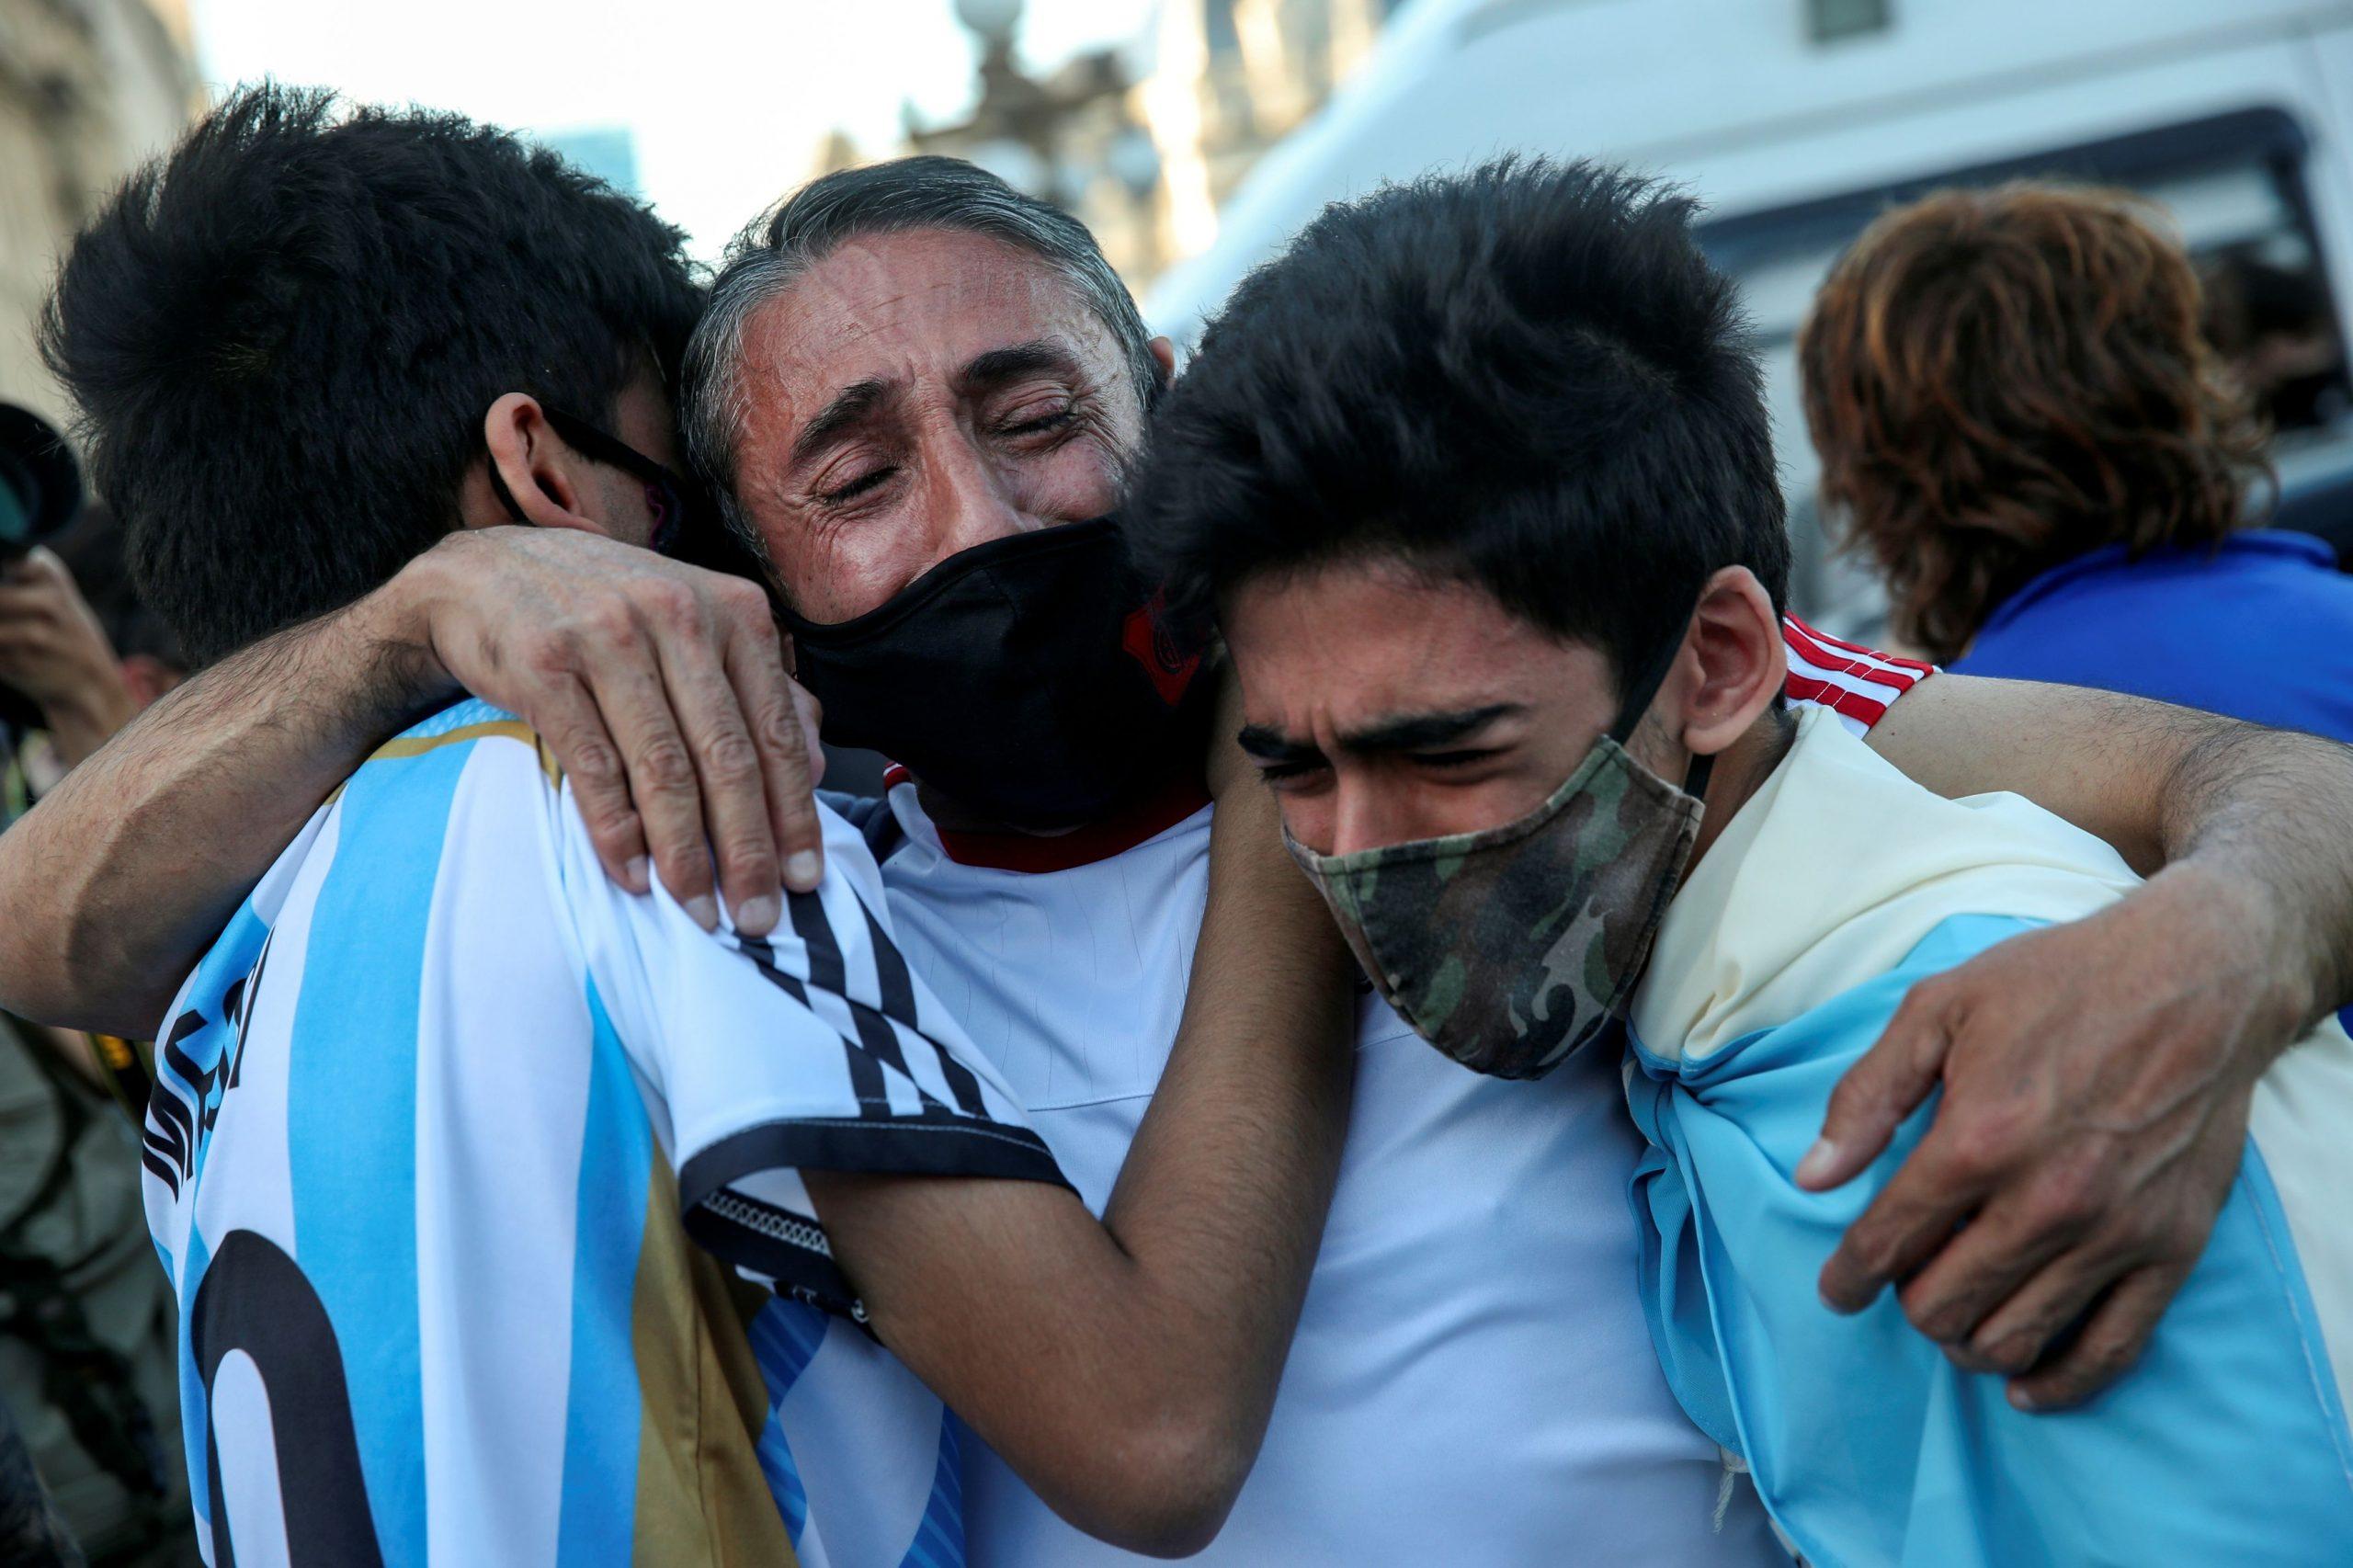 foto: REUTERS/Ricardo Moraes